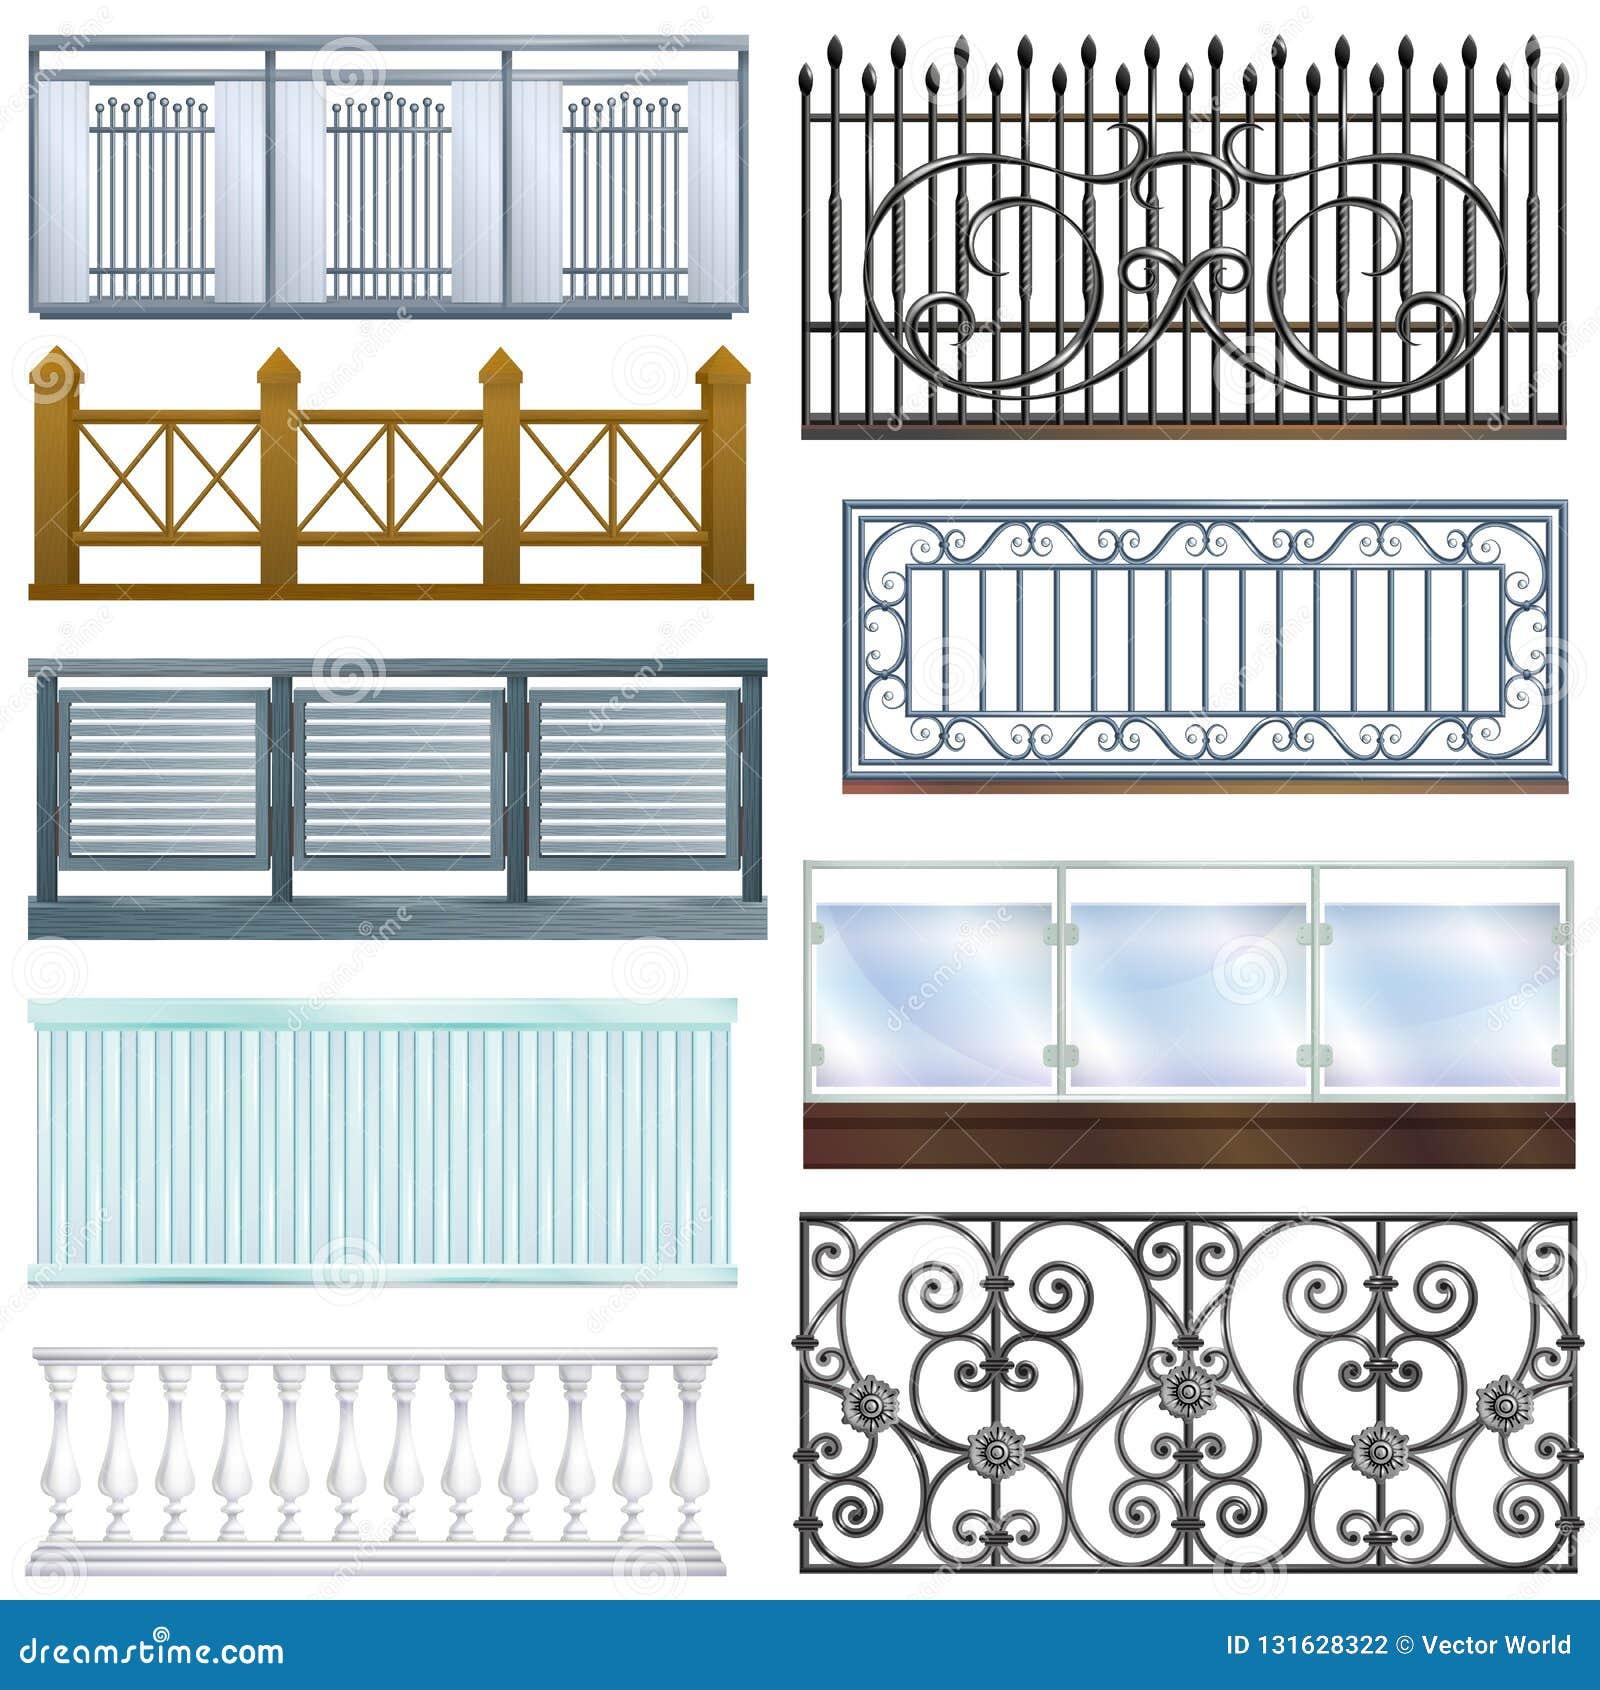 Balkonowego poręcza rocznika metalu stali wektorowego ogrodzenia dekoracji architektury projekta balconied ilustracyjny ustawiają